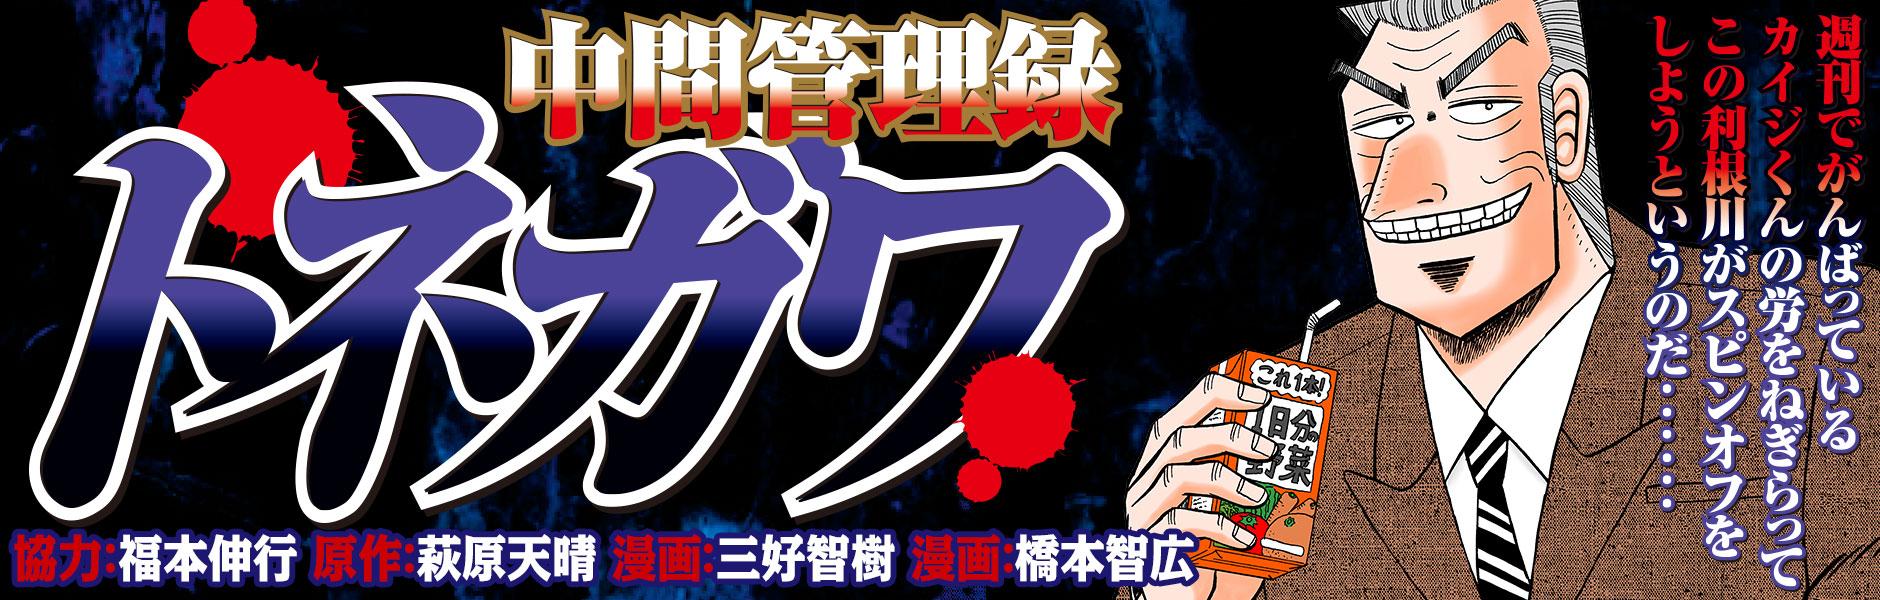 http://yanmaga.jp/content/images/chukankannriroku_tonegawa/main.jpg